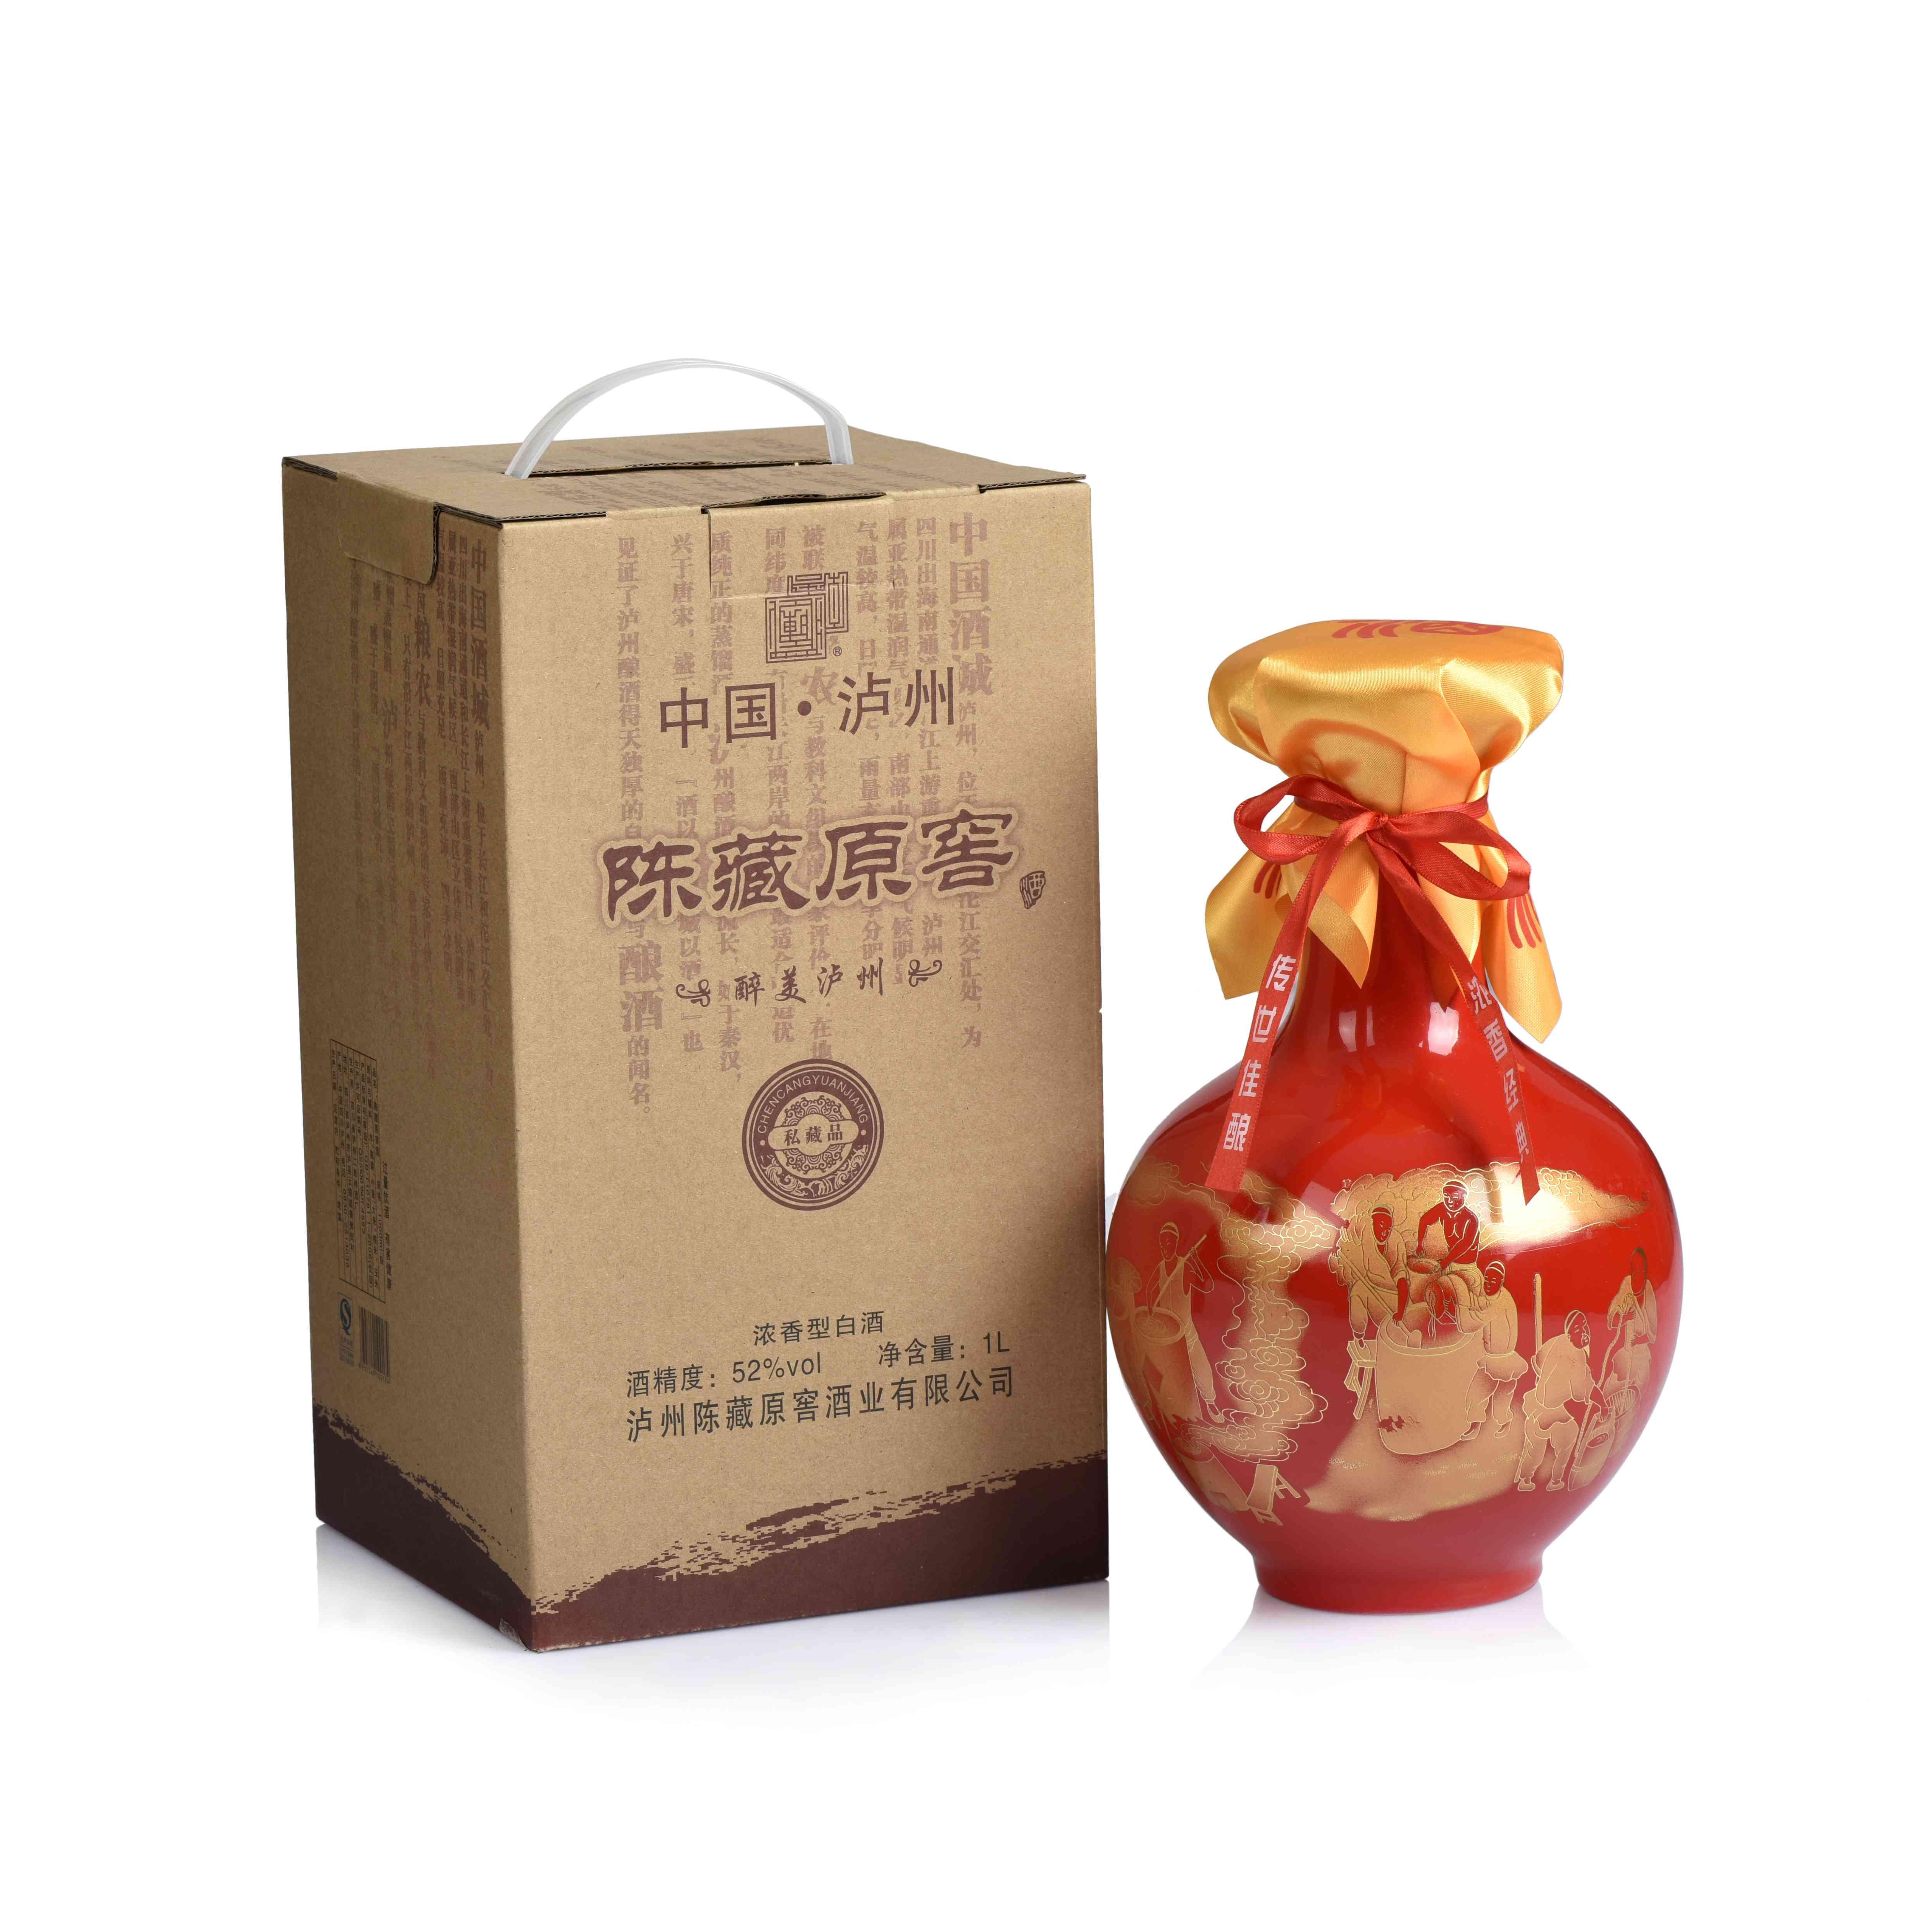 四十年窖藏天府六景彩瓷系列(醉美泸州)